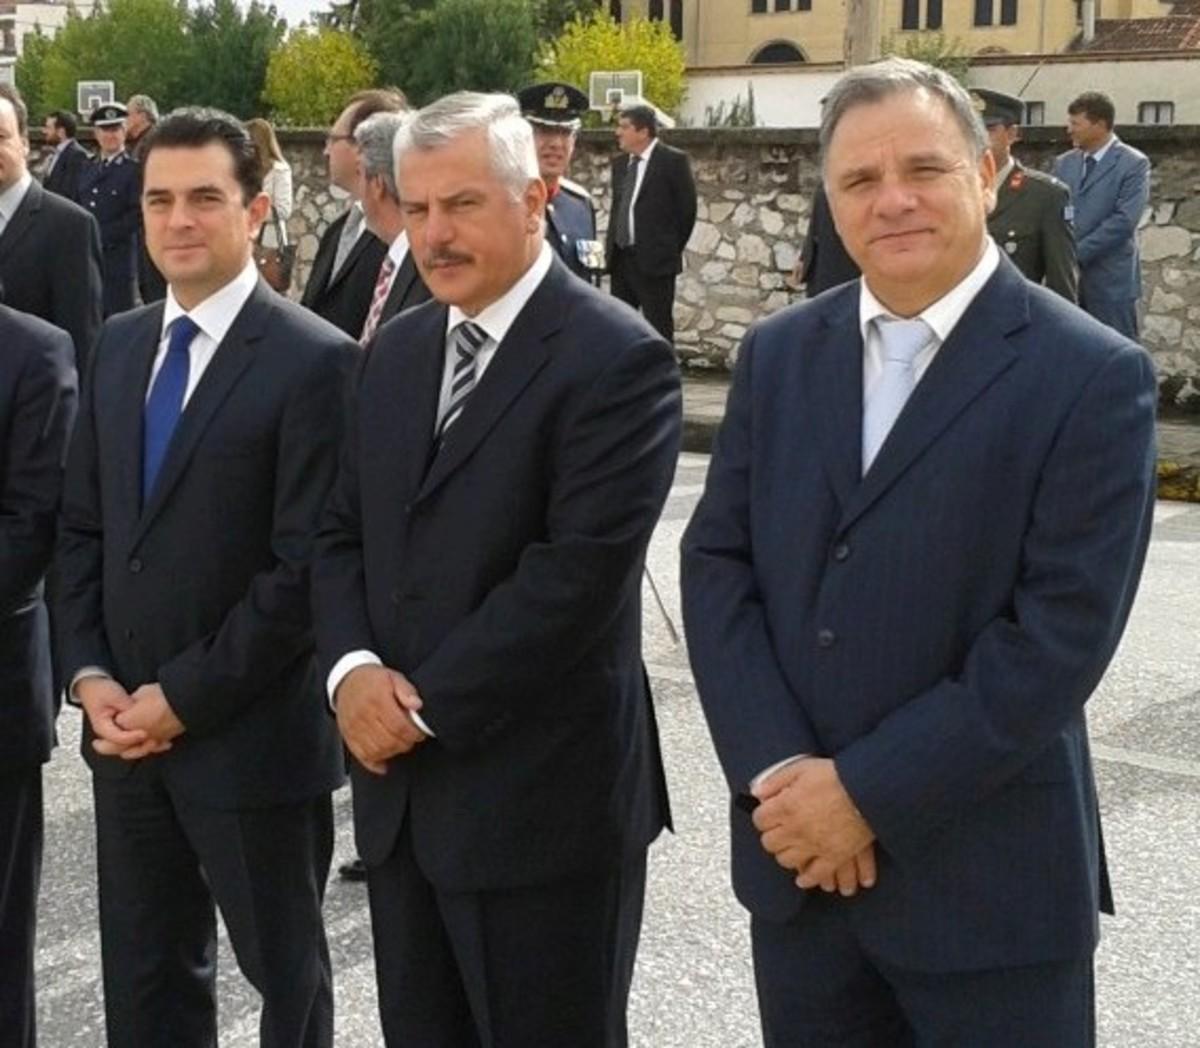 Προειδοποιούν τους βουλευτές να μην ψηφίσουν τα μέτρα | Newsit.gr